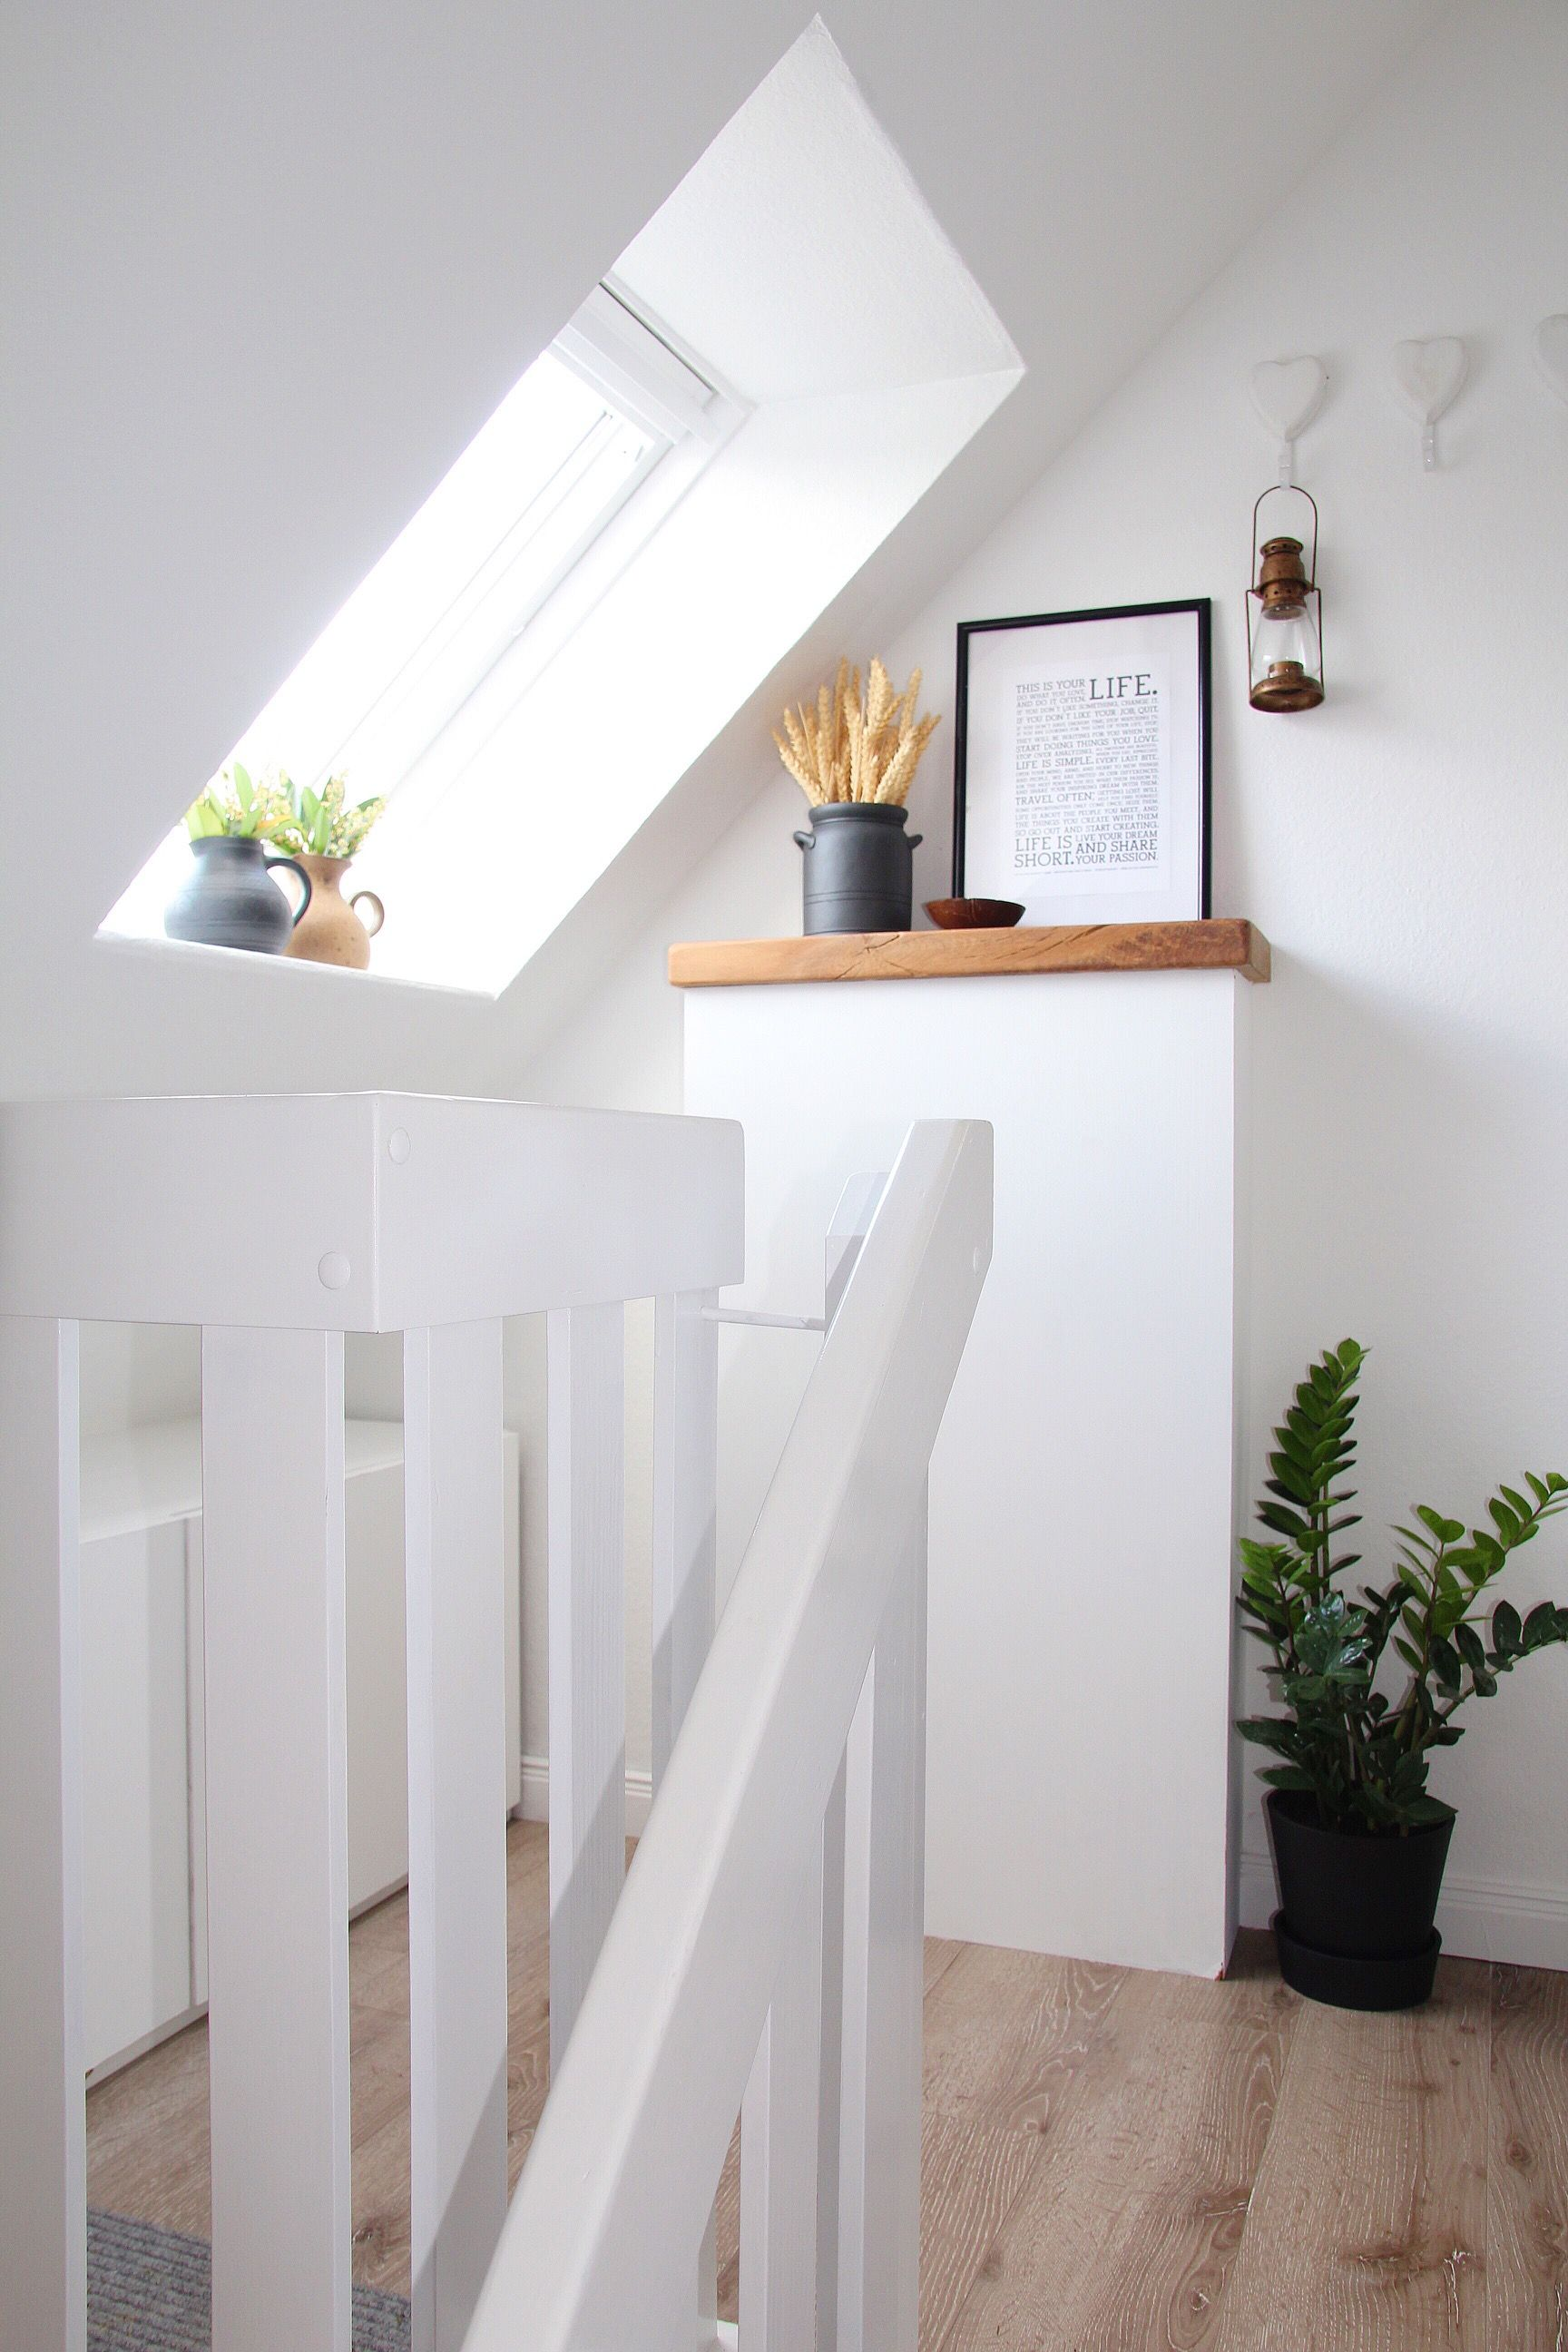 Flur Und Treppenhaus Neu Gestalten Und Dekorieren Vorher Nachher Wohnung Renovieren Neue Gestalten